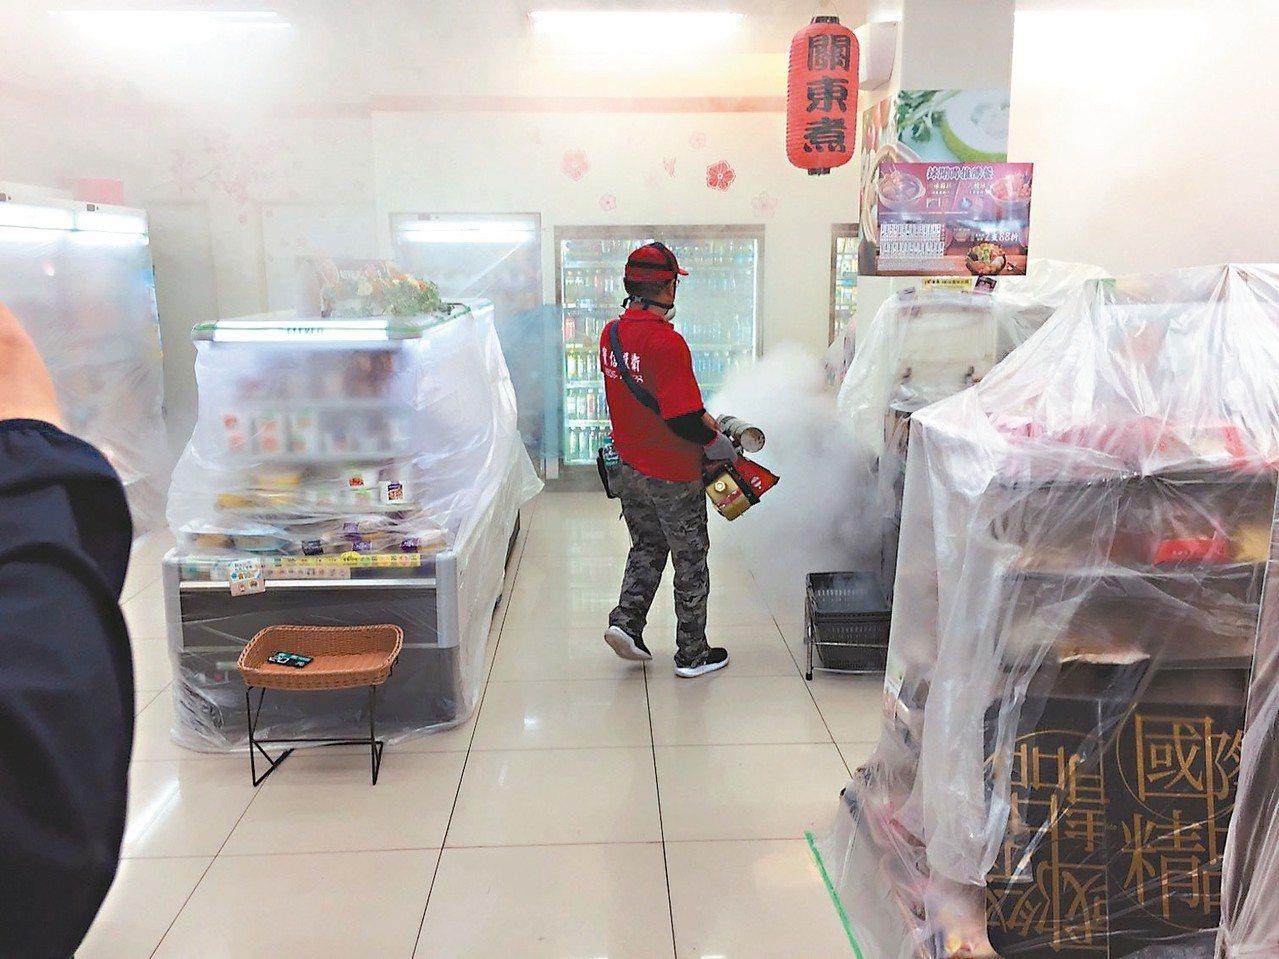 台南市中西區東菜市場昨起休市兩天,進行登革熱病媒蚊噴藥作業。 圖/衛生局提供